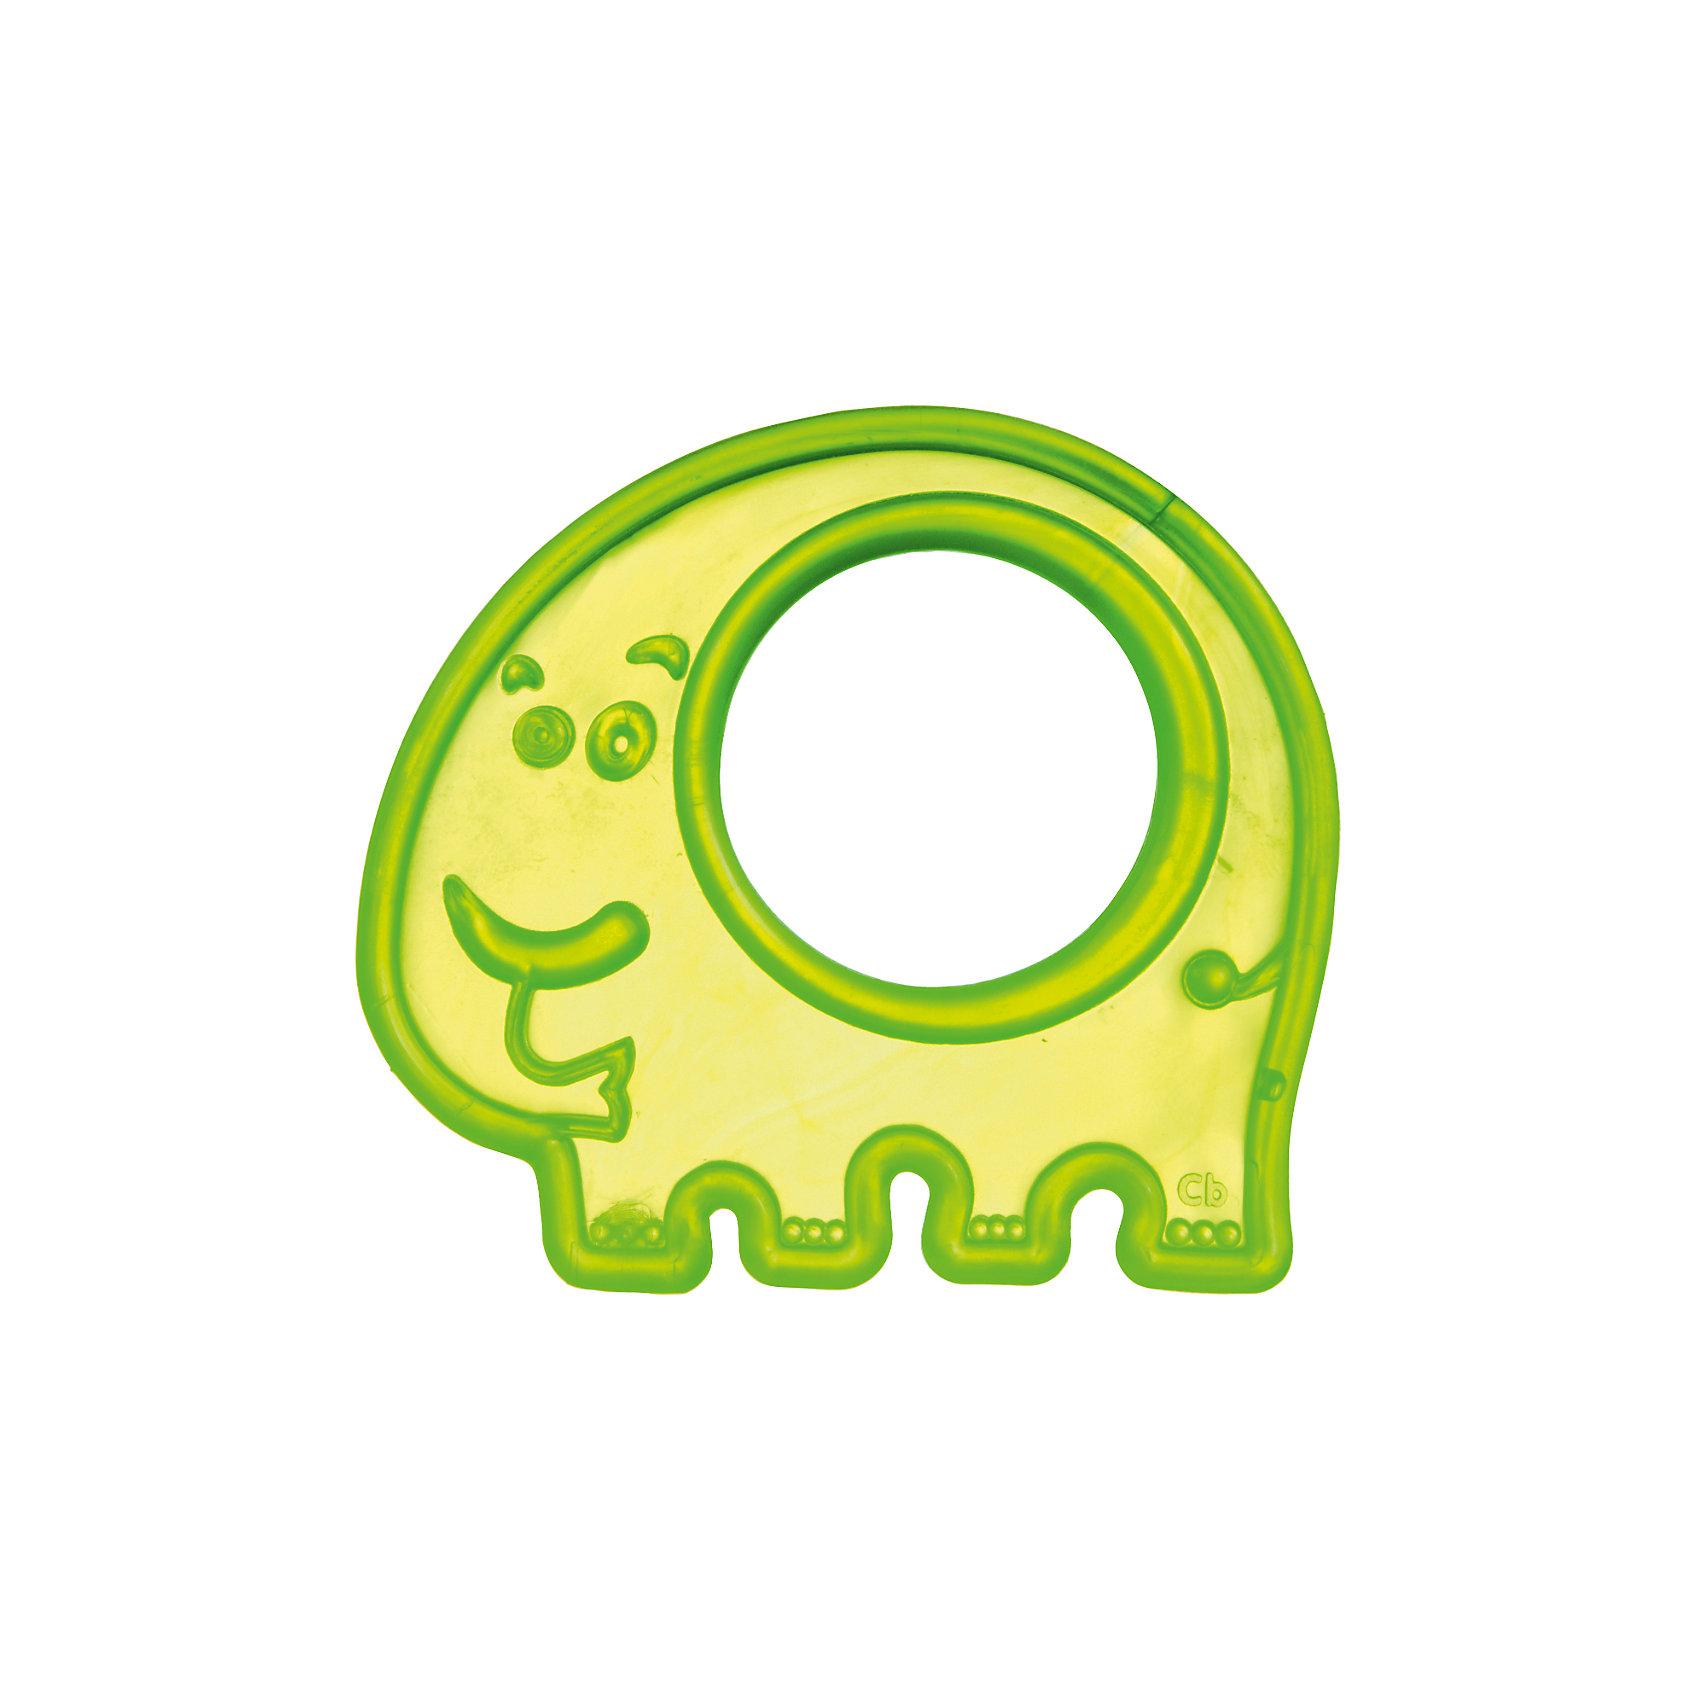 Прорезыватель мягкий Слоник 0+, Canpol Babies, зеленыйПрорезыватели<br>Прорезыватель мягкий Слоник 0+, Canpol Babies (Канпол Беби),<br> зеленый.<br><br>Характеристики:<br>• облегчает боль и снимает зуд<br>• изготовлен из безопасных материалов<br>• наполнен дистиллированной водой<br>• материал: нетоксичный пластик, вода<br>• размер упаковки: 18,5х11,5х1 см<br>• цвет: зеленый<br><br>Прорезыватель Слоник изготовлен из мягкого пластика в виде забавного слоненка. Удобная круглая ручка позволит ребенку держать игрушку самостоятельно. Внутри находится дистиллированная вода, с помощью которой вы сможете охладить прорезыватель, положив его в холодильник. Прохладная игрушка снимет зуд и сведет к минимуму неприятные ощущения в деснах при прорезывании зубов. Яркий прорезыватель непременно понравится вашему карапузу!<br><br>Прорезыватель мягкий Слоник 0+, Canpol Babies (Канпол Беби),<br> зеленый можно купить в нашем интернет-магазине.<br><br>Ширина мм: 95<br>Глубина мм: 10<br>Высота мм: 155<br>Вес г: 120<br>Возраст от месяцев: 0<br>Возраст до месяцев: 12<br>Пол: Унисекс<br>Возраст: Детский<br>SKU: 5156711